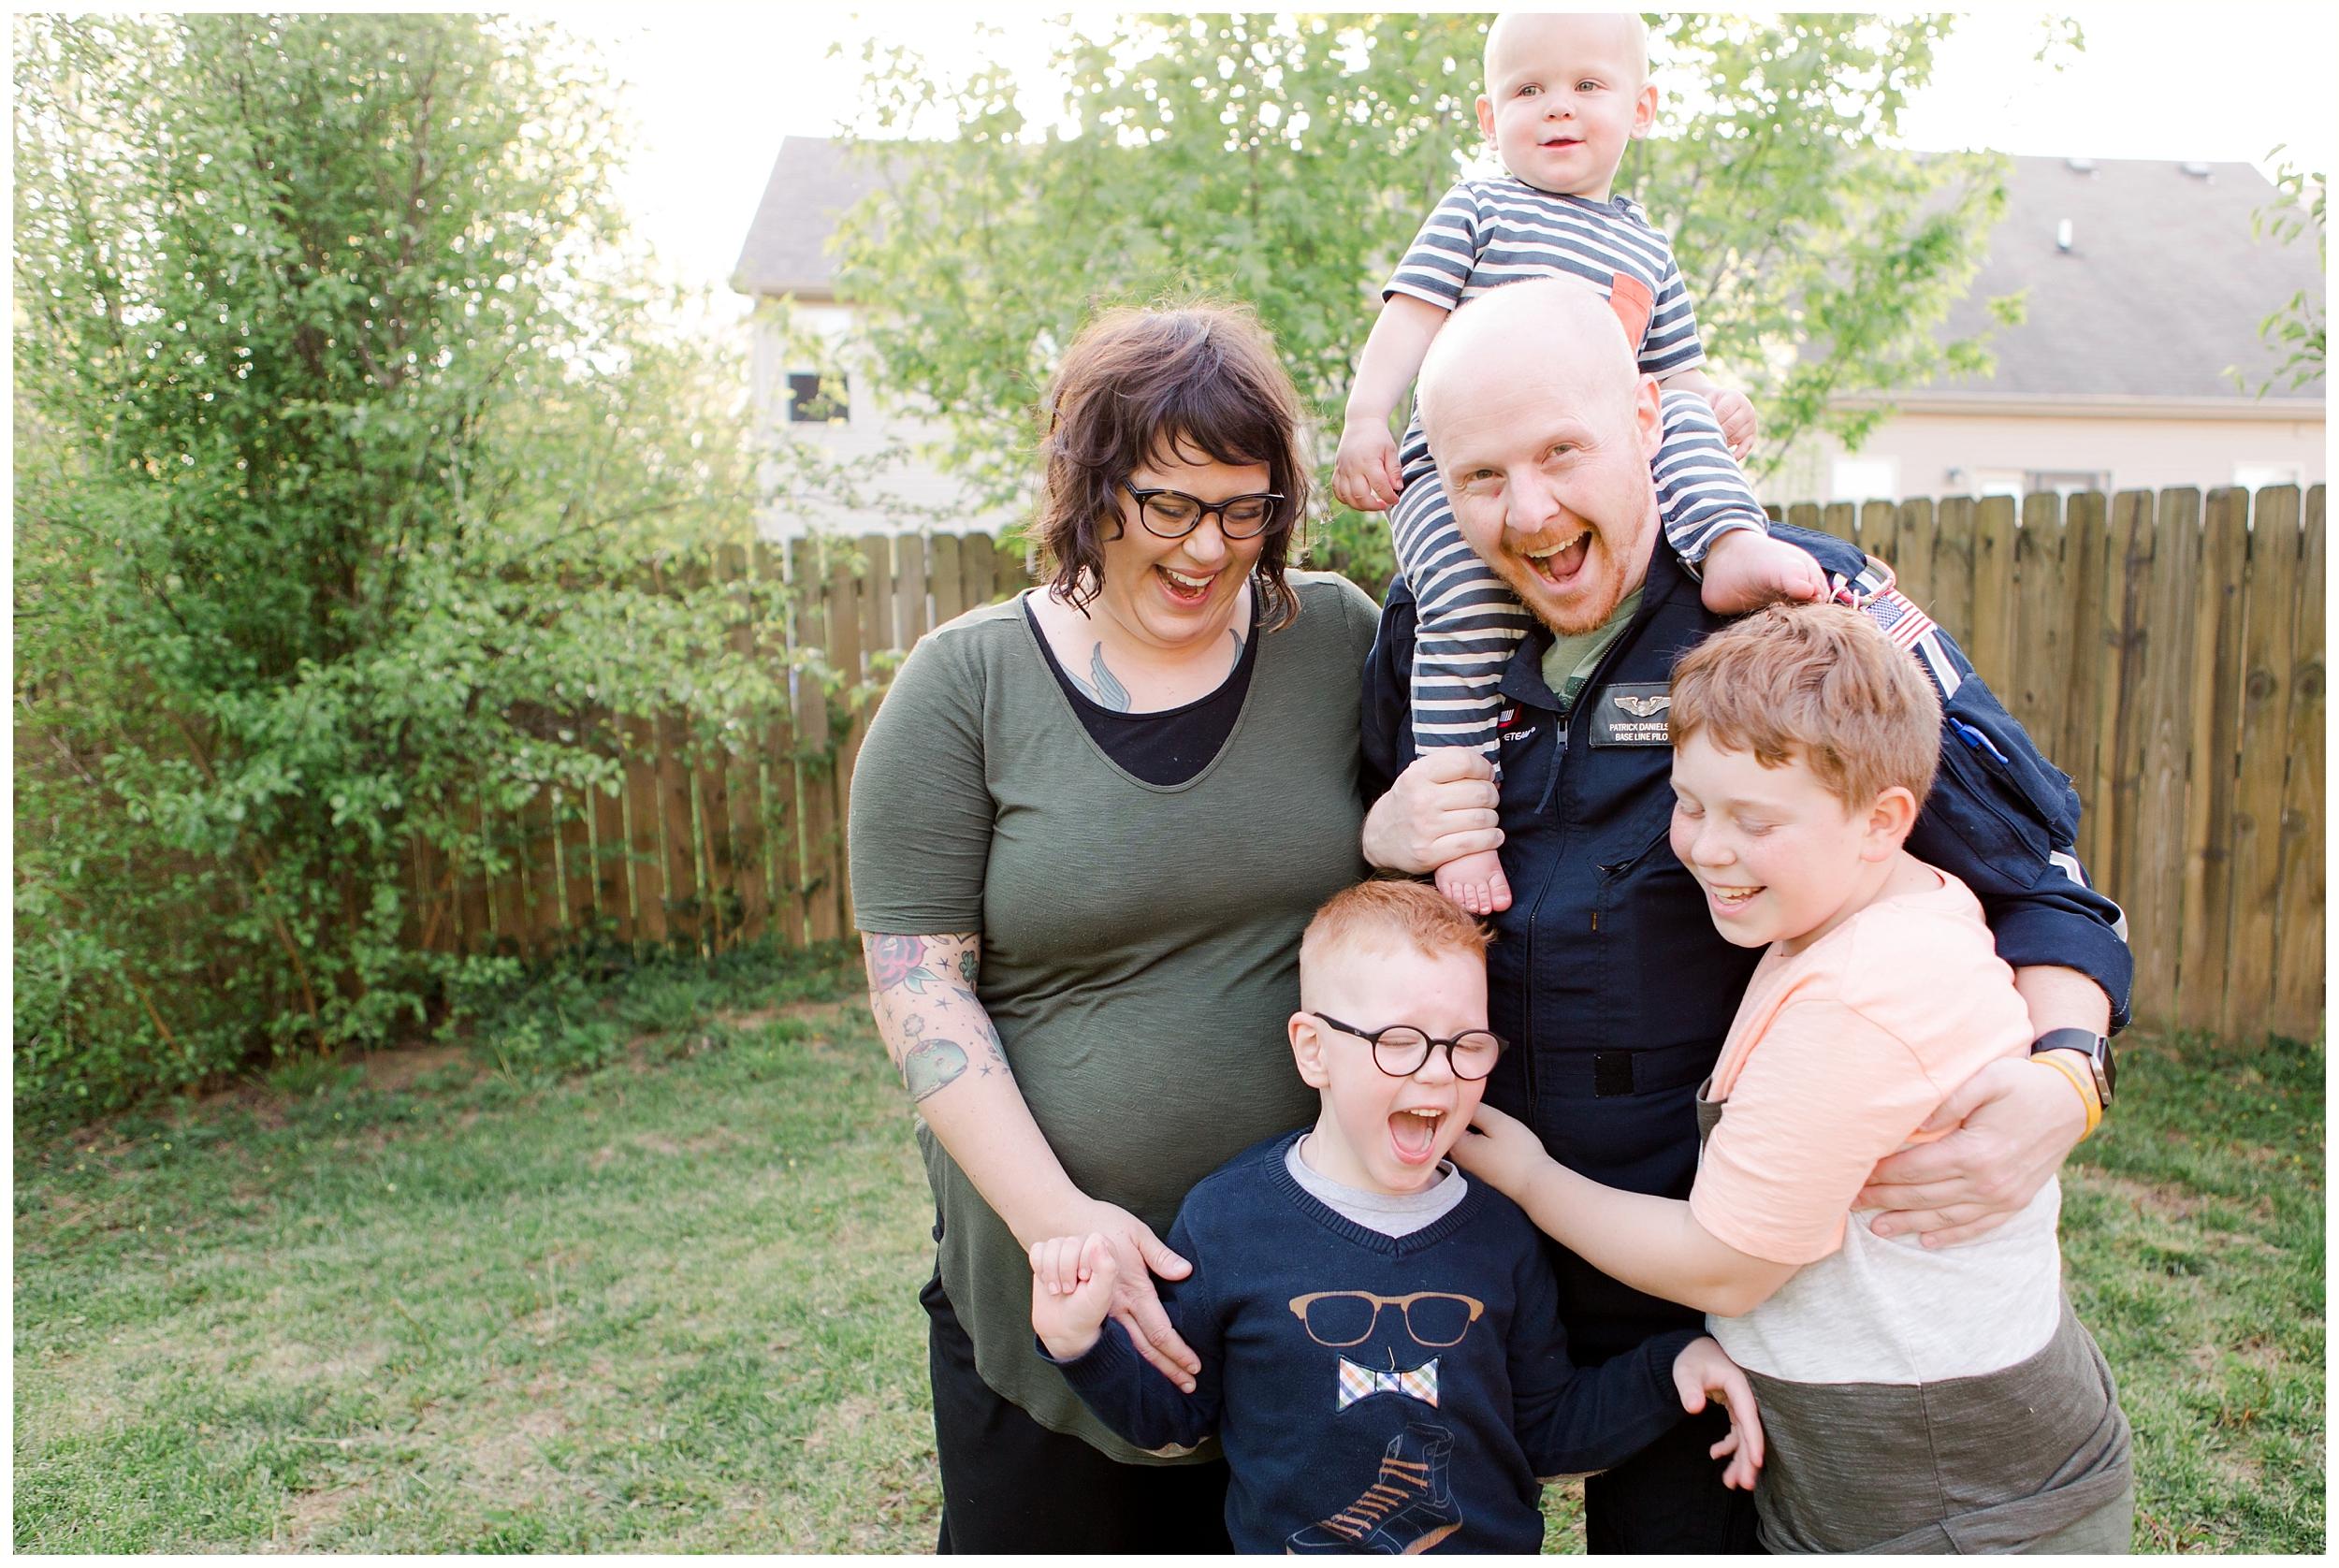 lexington-ky-family-lifestyle-photos-by-priscilla-baierlein_0192.jpg